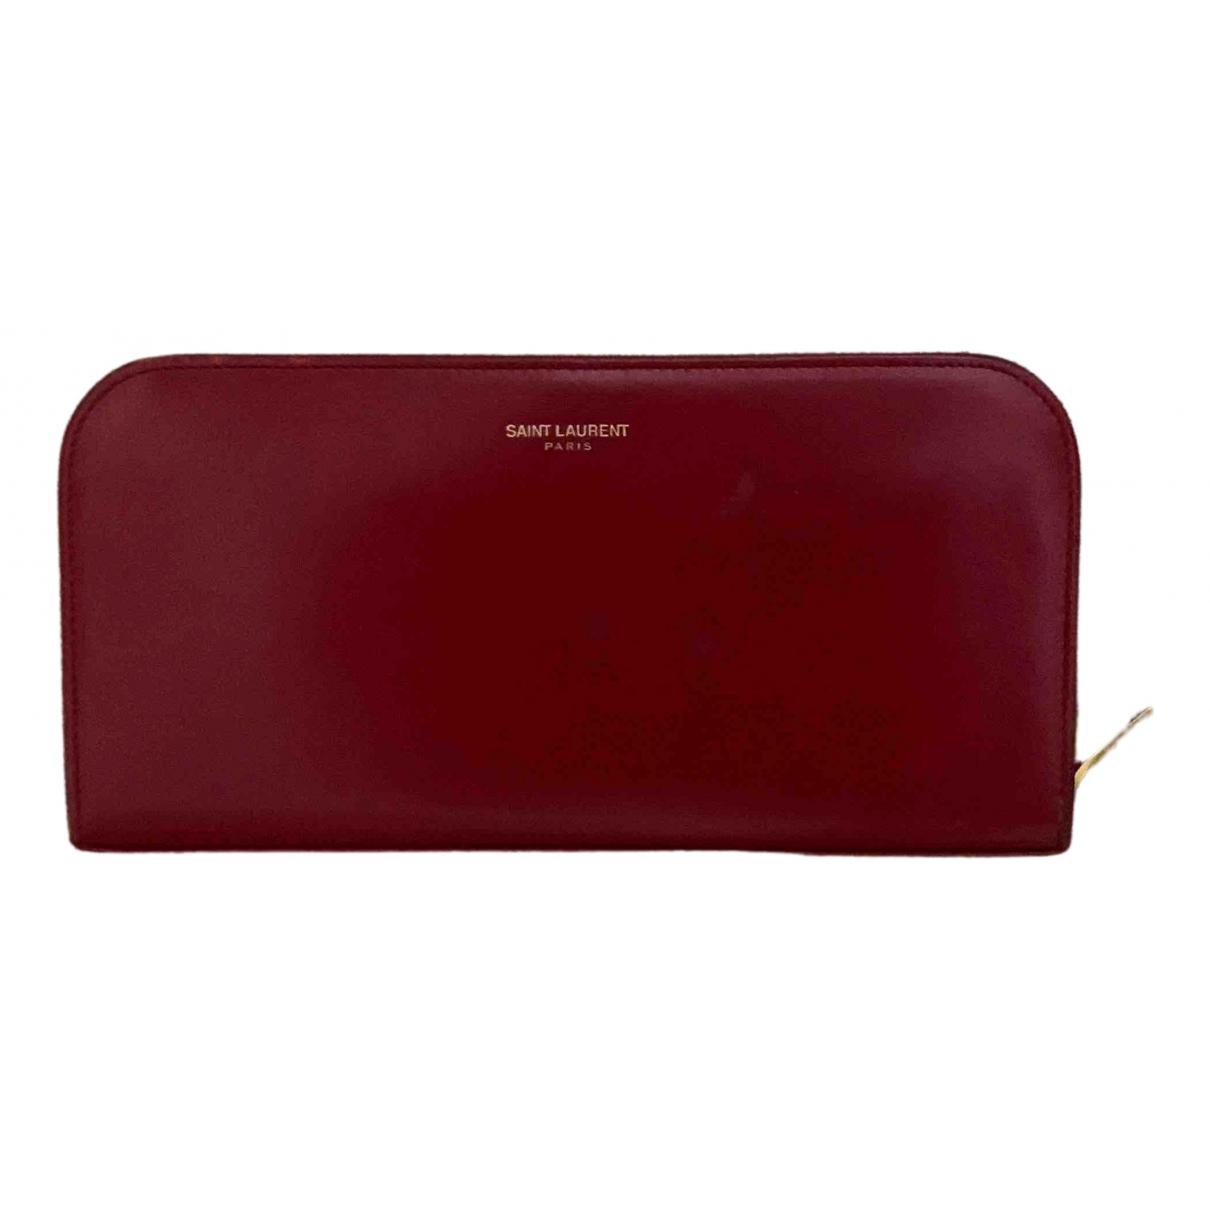 Saint Laurent - Portefeuille Rive Gauche pour femme en cuir - rouge